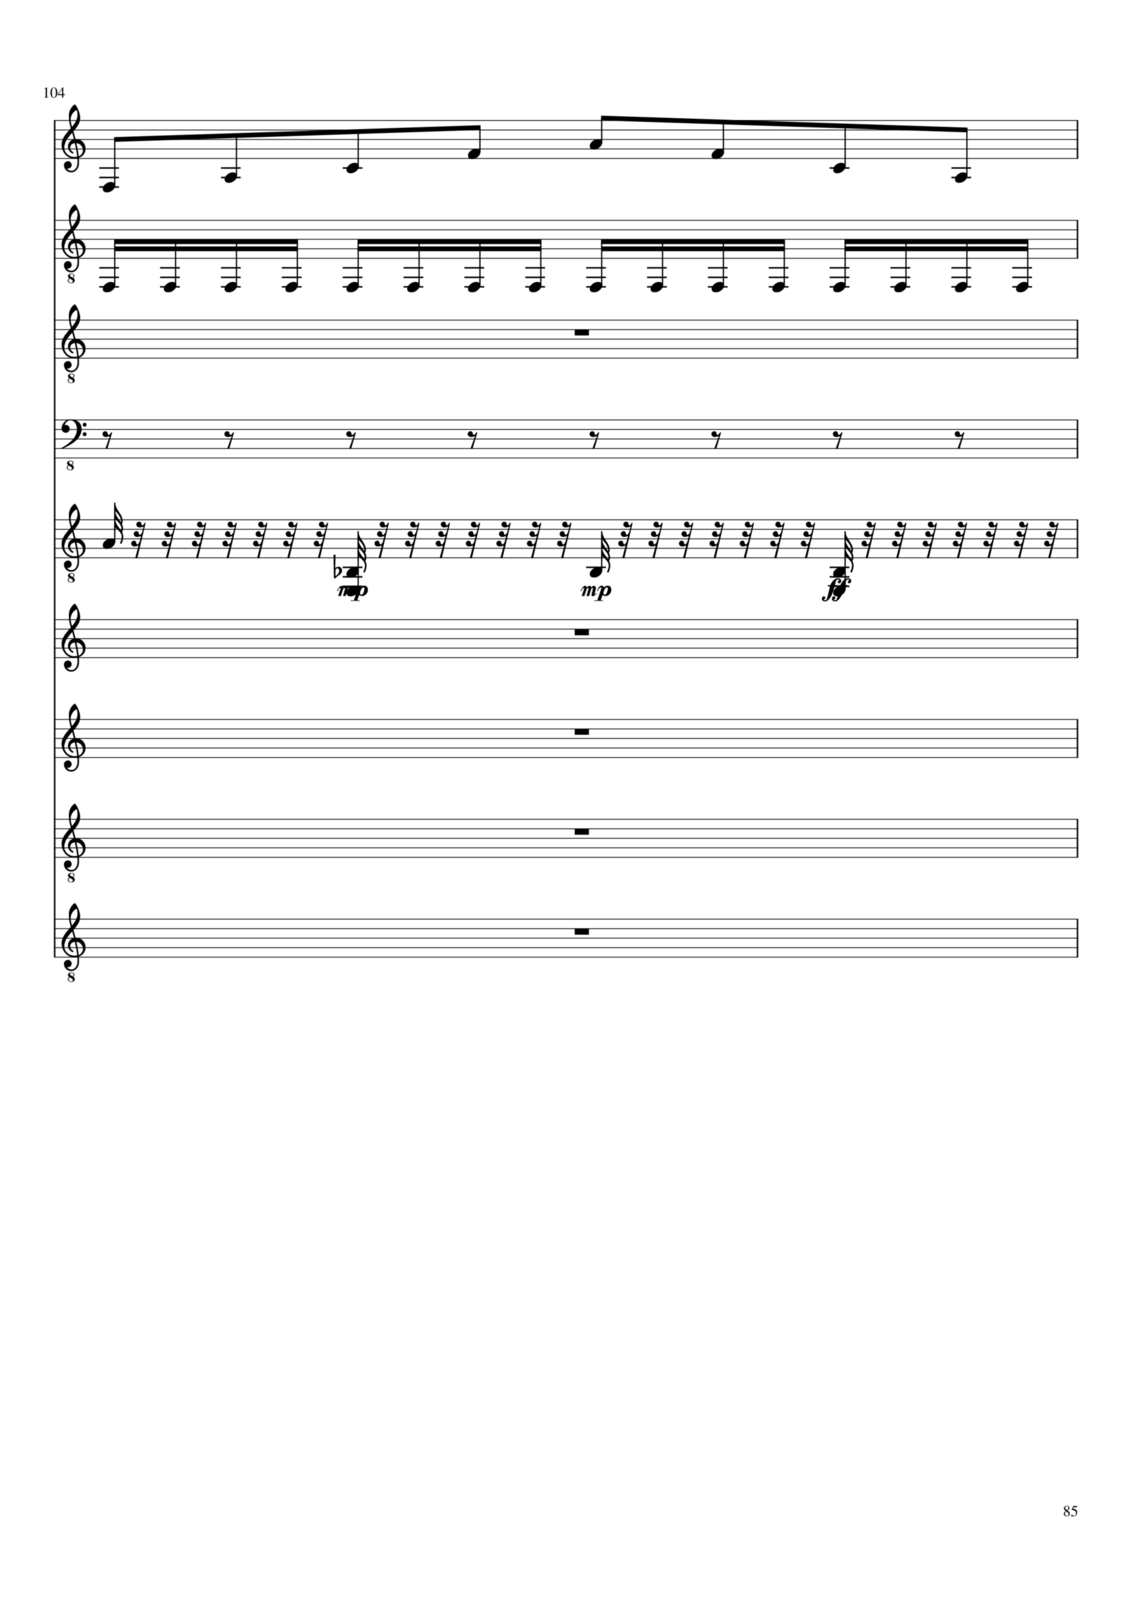 Zagadka volshebnoy stranyi slide, Image 85